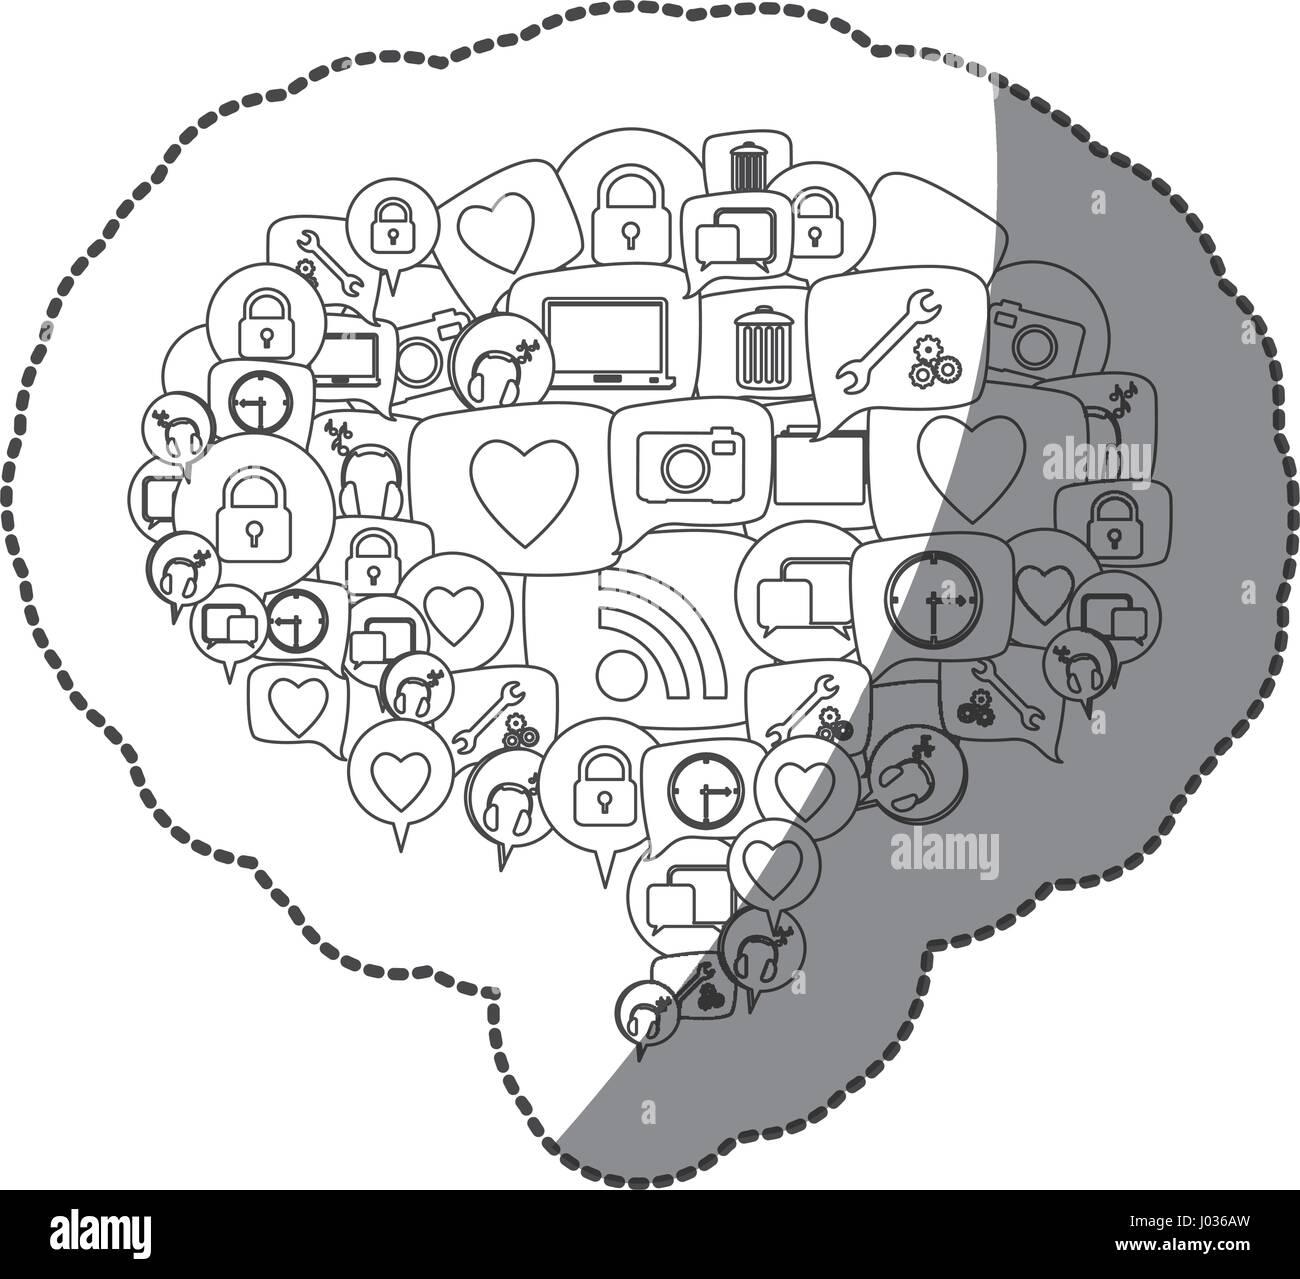 Silhouette autocollant forme de dialogue Modèle de légende empilés icônes sociales Illustration de Vecteur